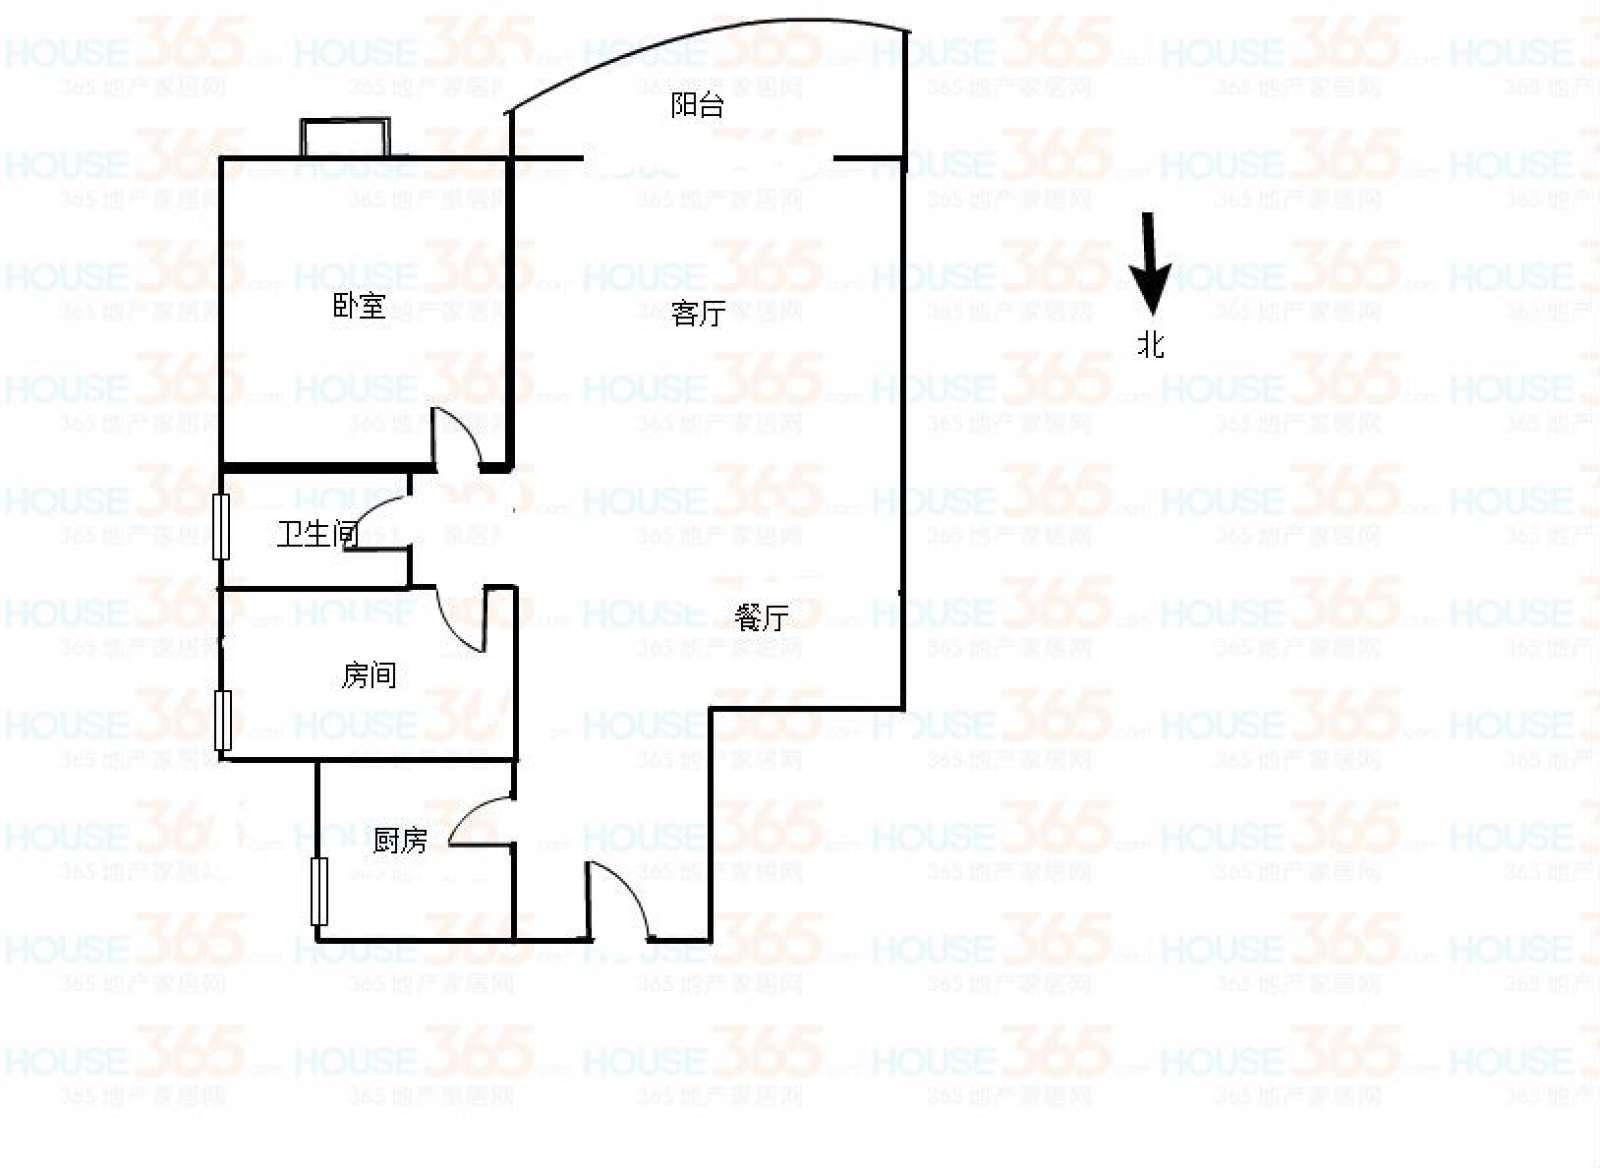 德晟豪庭 2室2厅93㎡